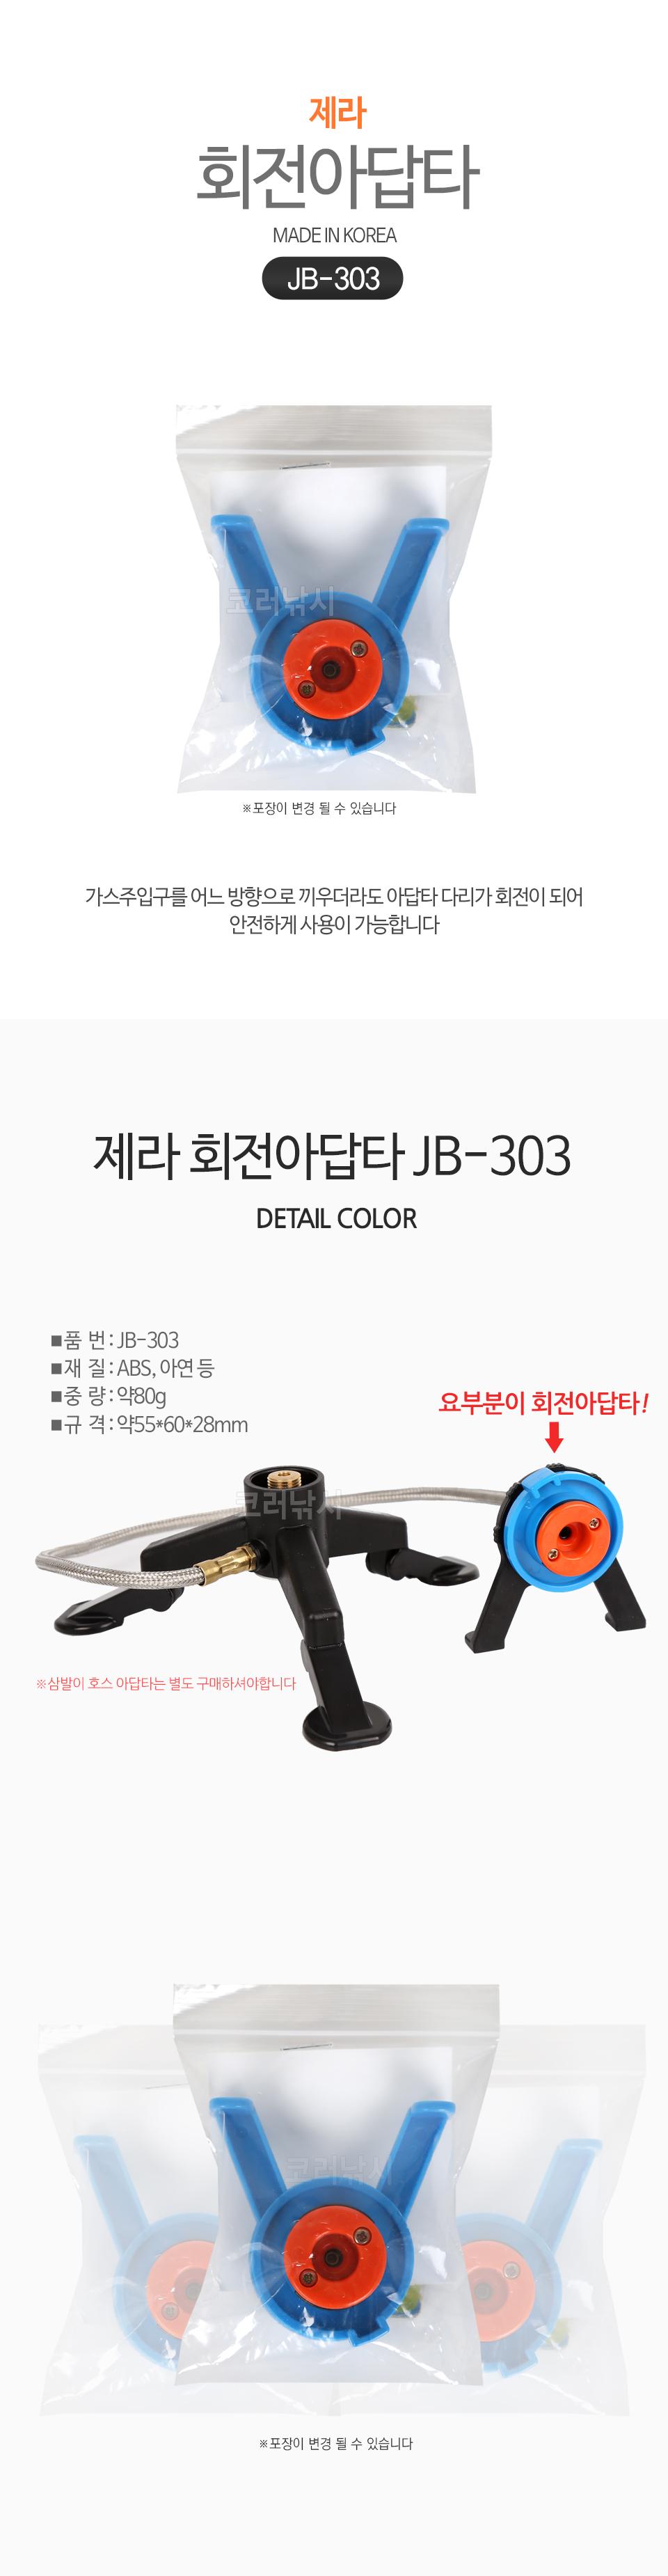 제라 회전아답타 JB-303 (MADE IN KOREA) 아답타 아답터 아댑터 아텝터 가스버너 버너아답터 버너아답타 회전아답타 회전아답터